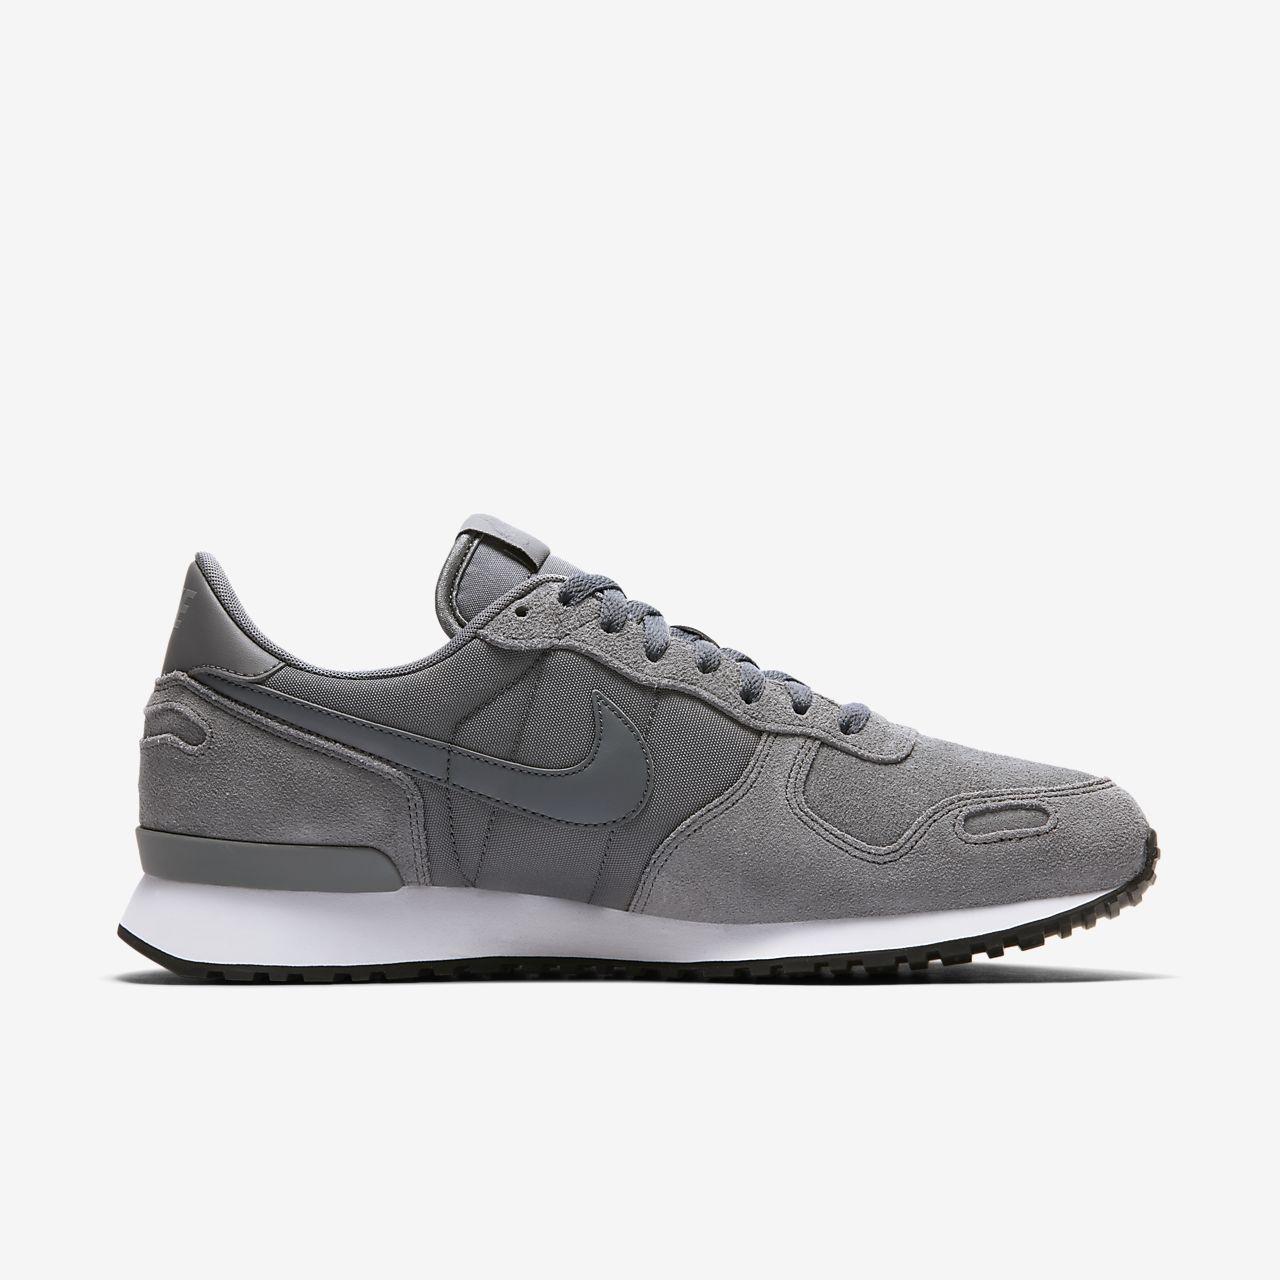 Vortex Gris Nike Chaussures Pour Hommes jSnuGDTTp8